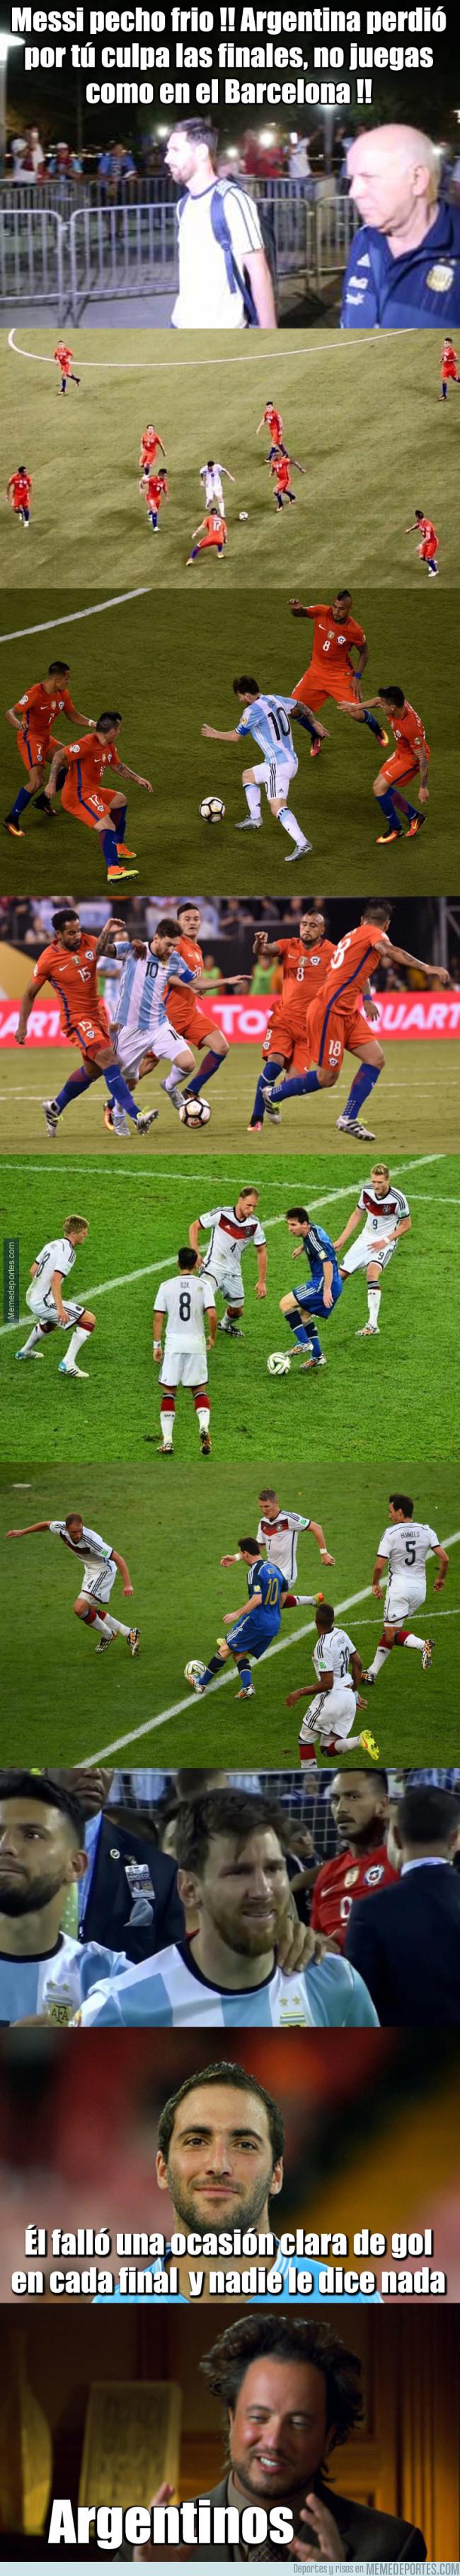 984827 - La injusticia que sufre Messi con su selección